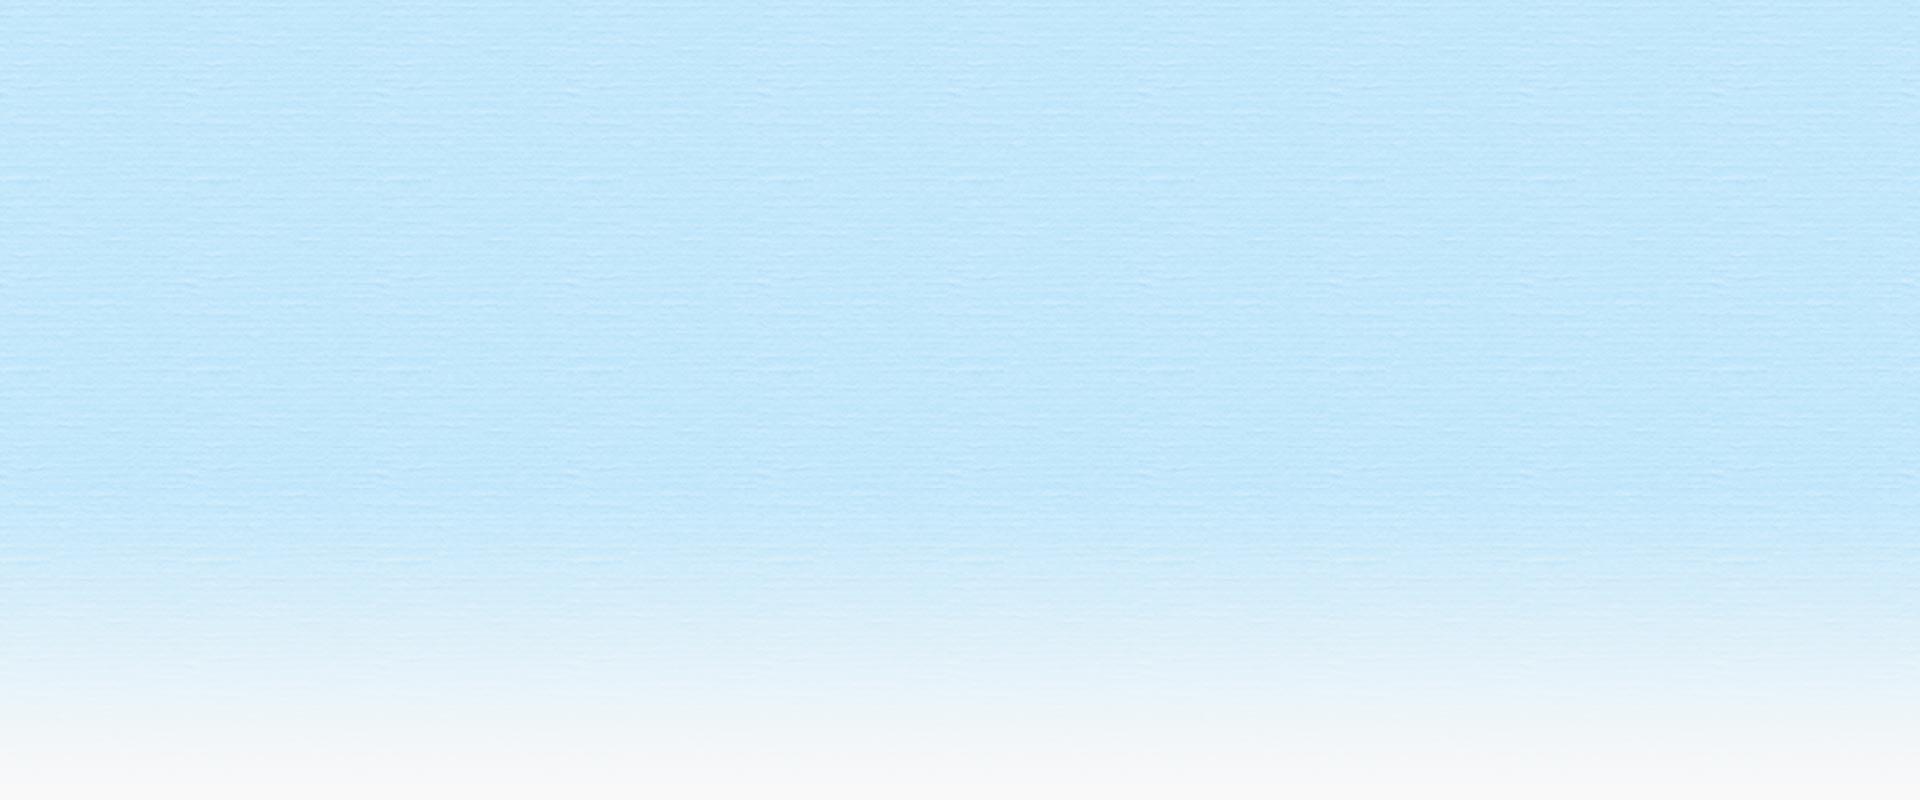 والپیپر آبی کلبه هنر - فروشگاه اینترنتی کلبه هنر